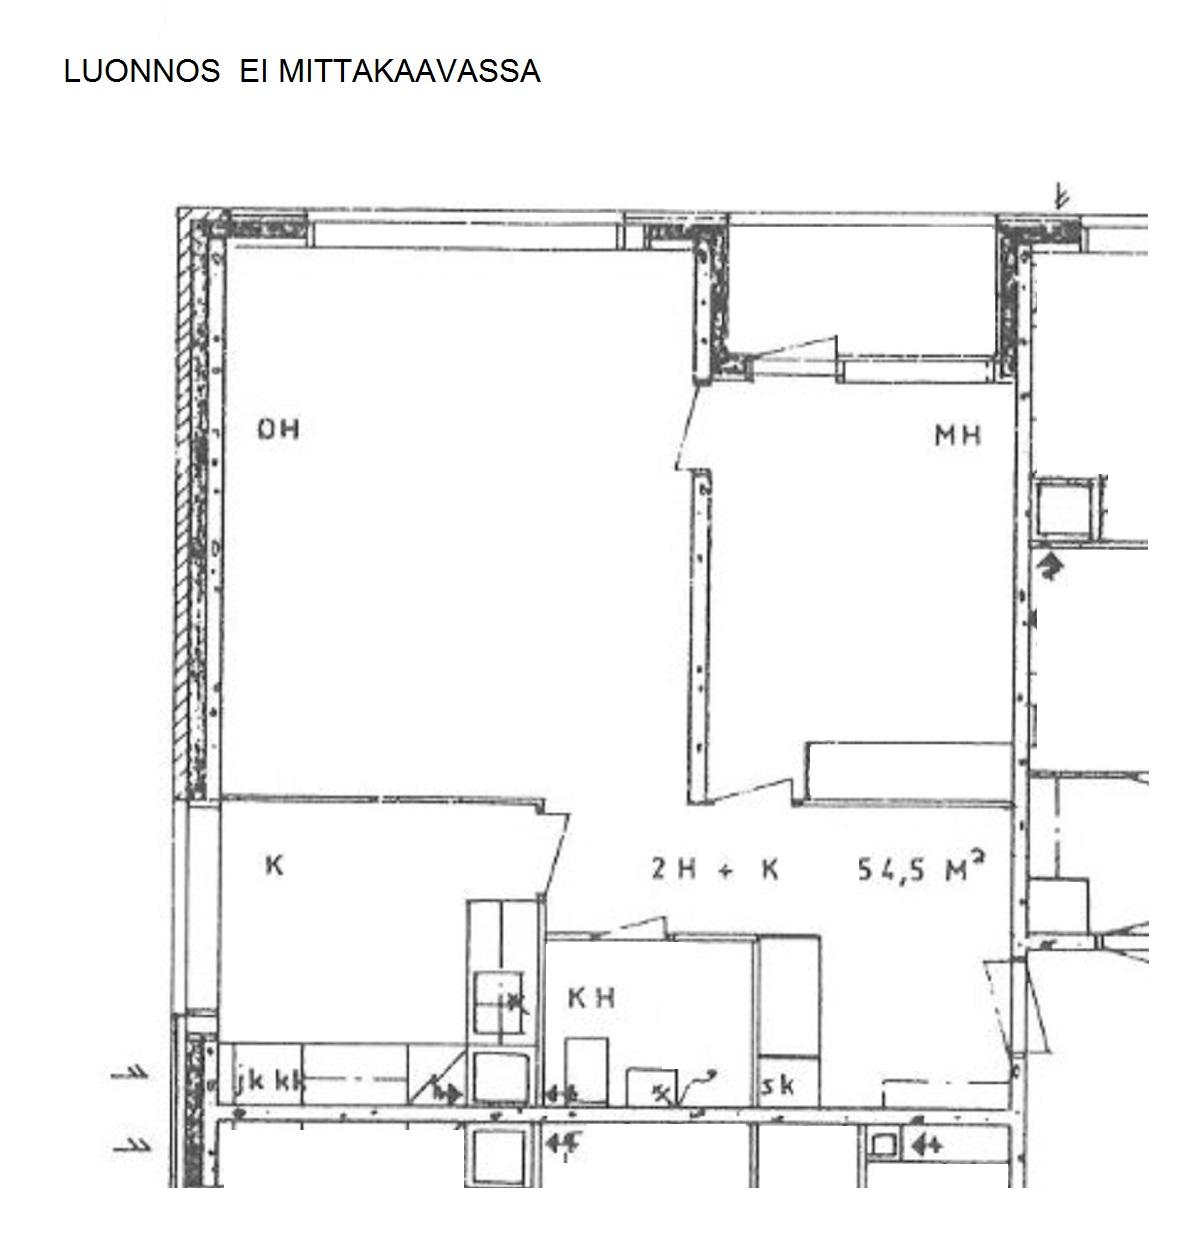 Kalevalankatu 15 B, Loimaa